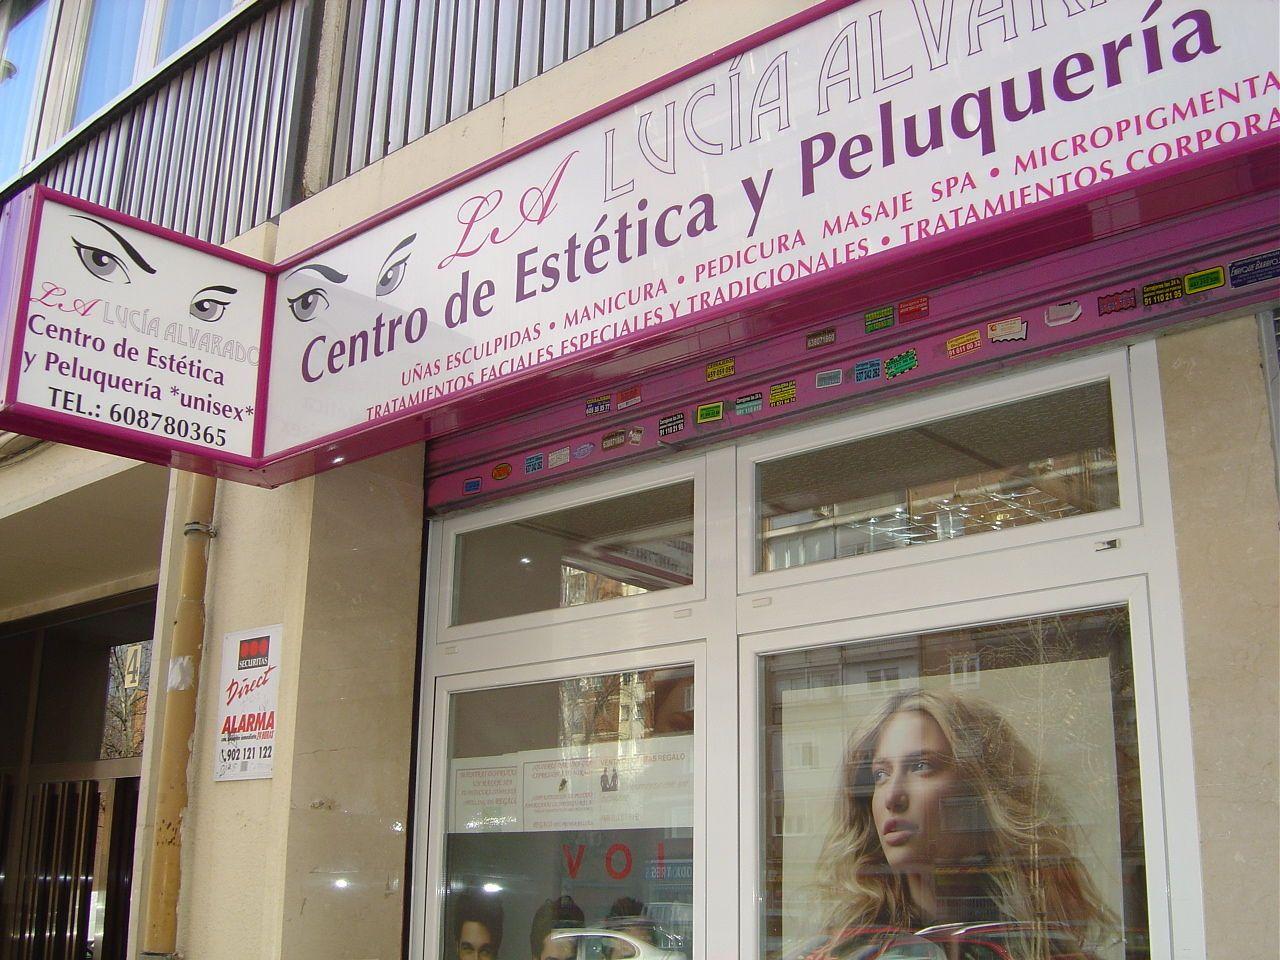 Peluquer a y est tica en barrio del pilar madrid luc a alvarado - Centro de salud barrio del pilar ...